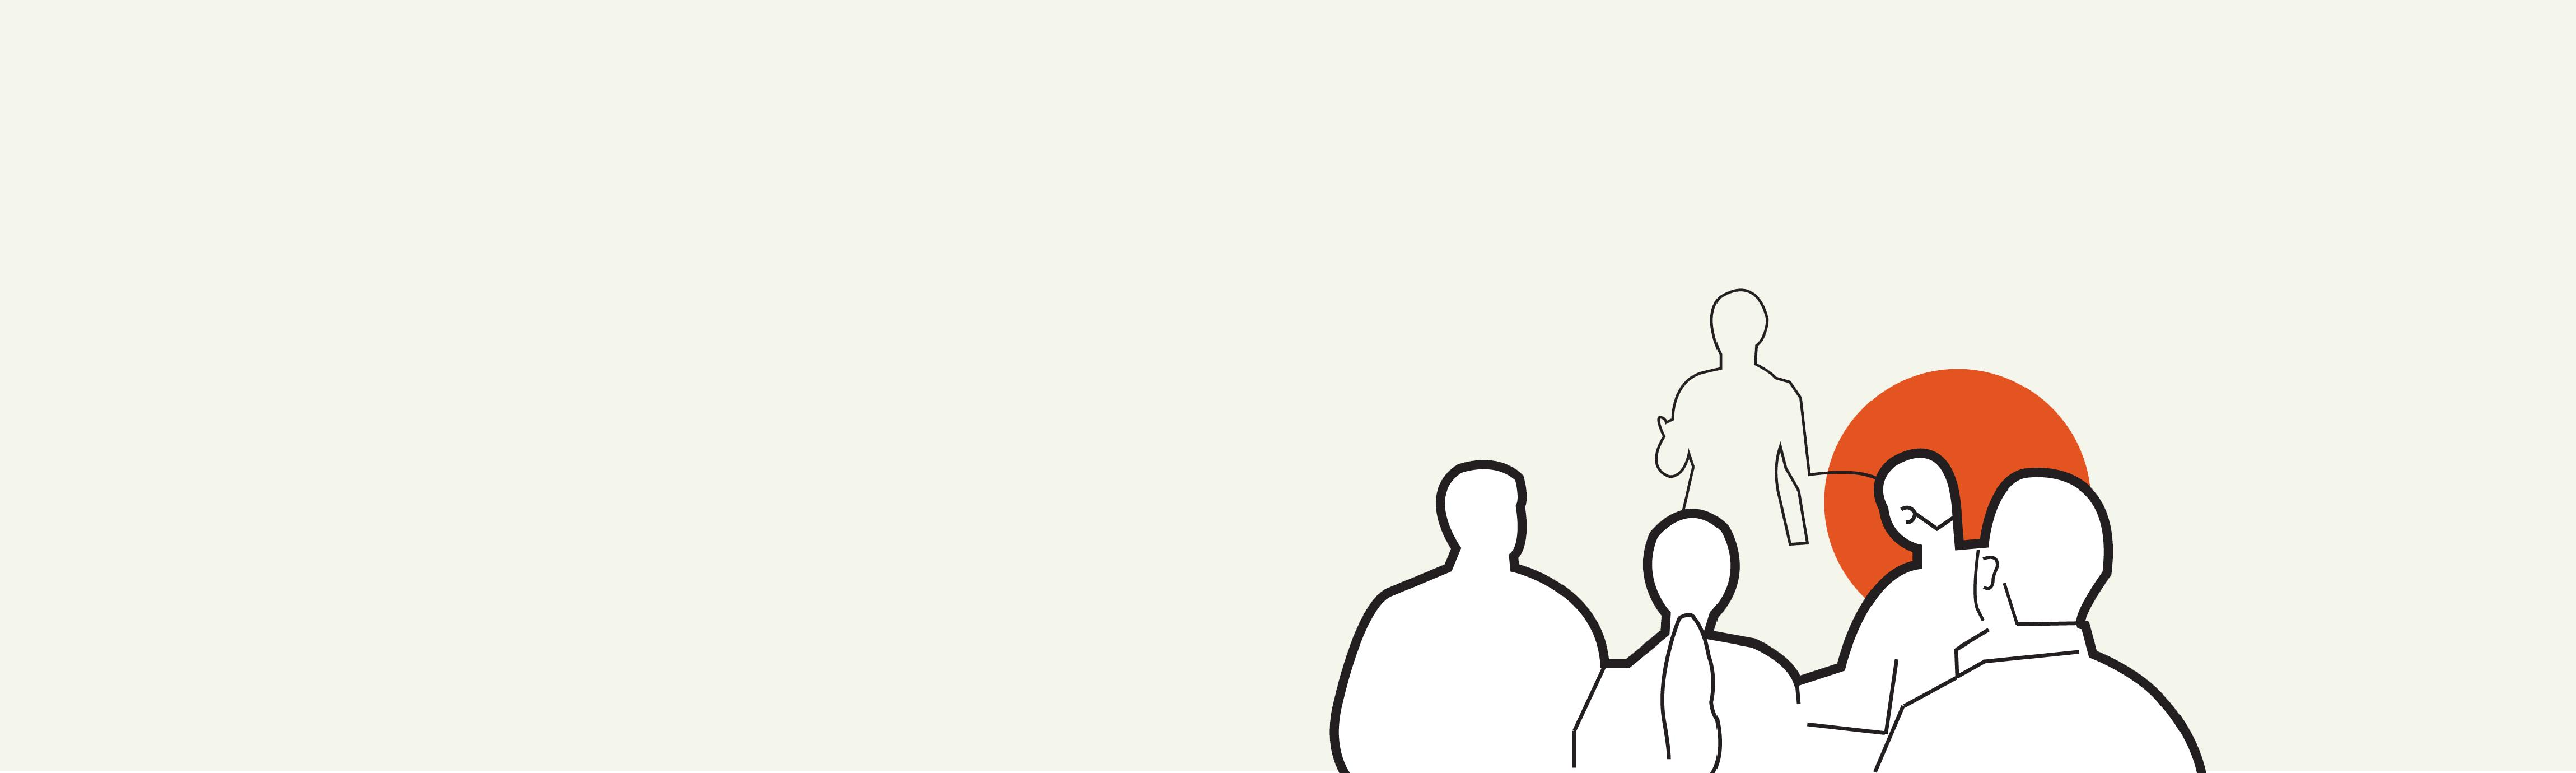 Hoe ook jij met Facebook het inloopspreekuur van het wijkteam kunt redden